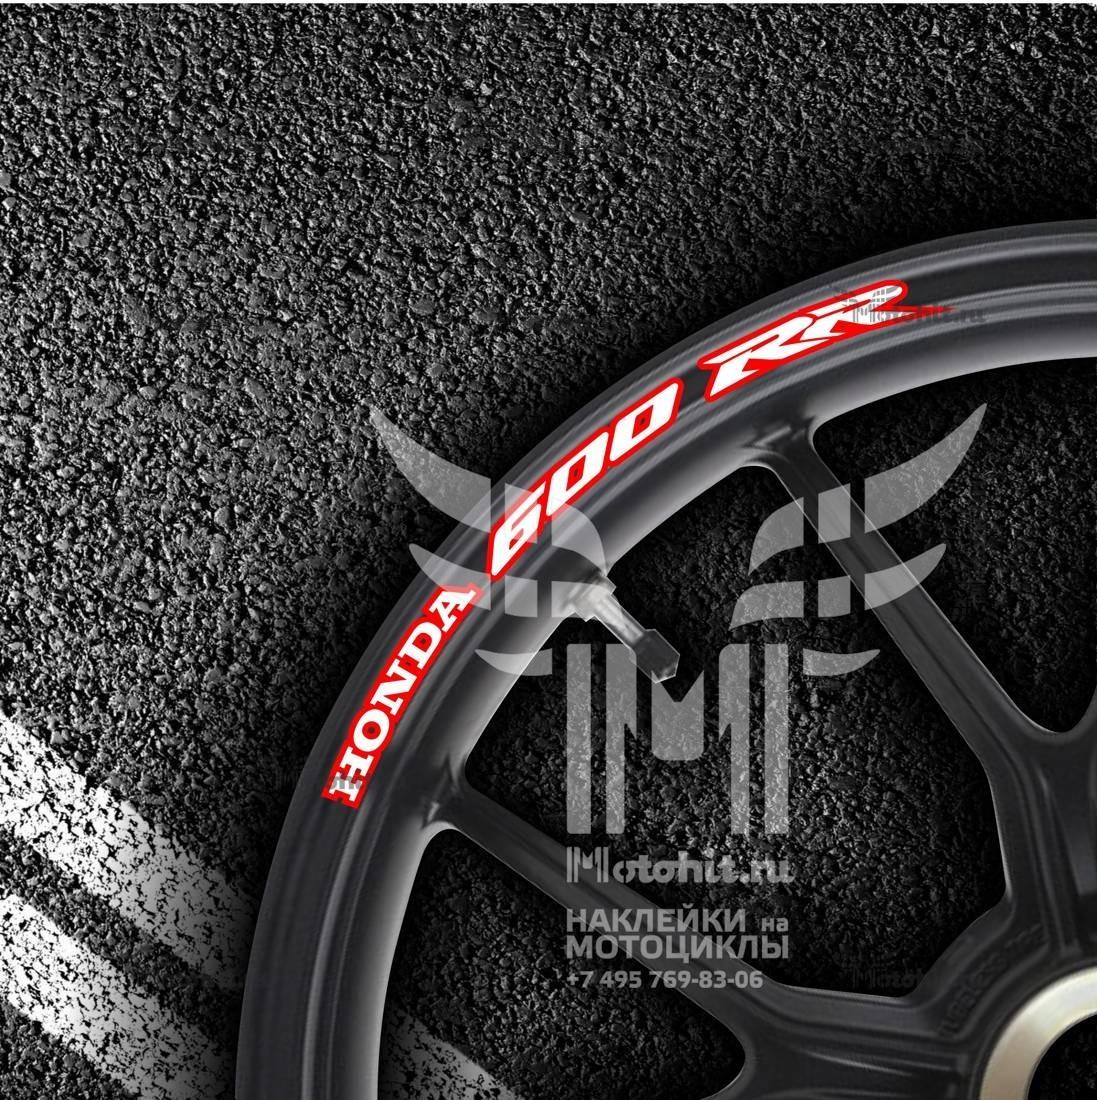 Комплект наклеек на обод колеса мотоцикла HONDA 600-RR